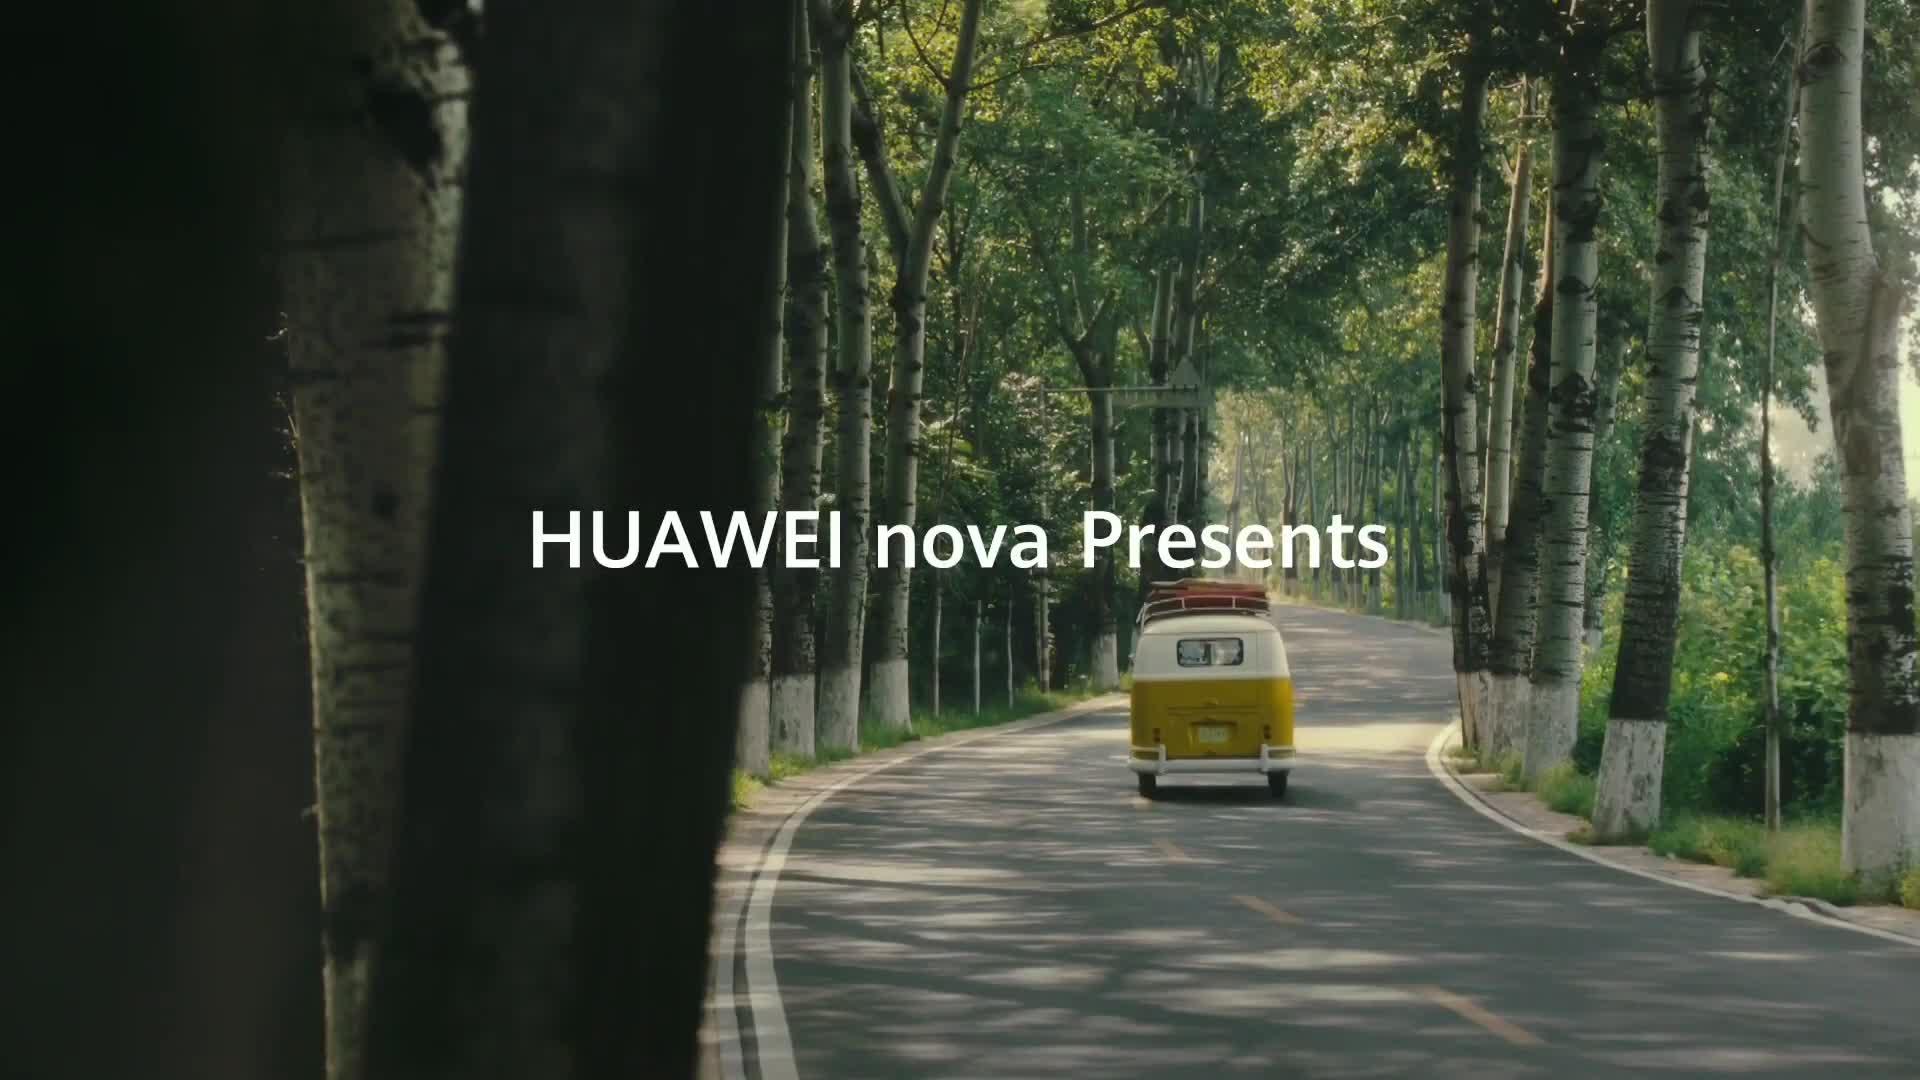 So sánh Huawei Nova 5T vs Vivo V17 Pro: Cuộc chiến không cân sức